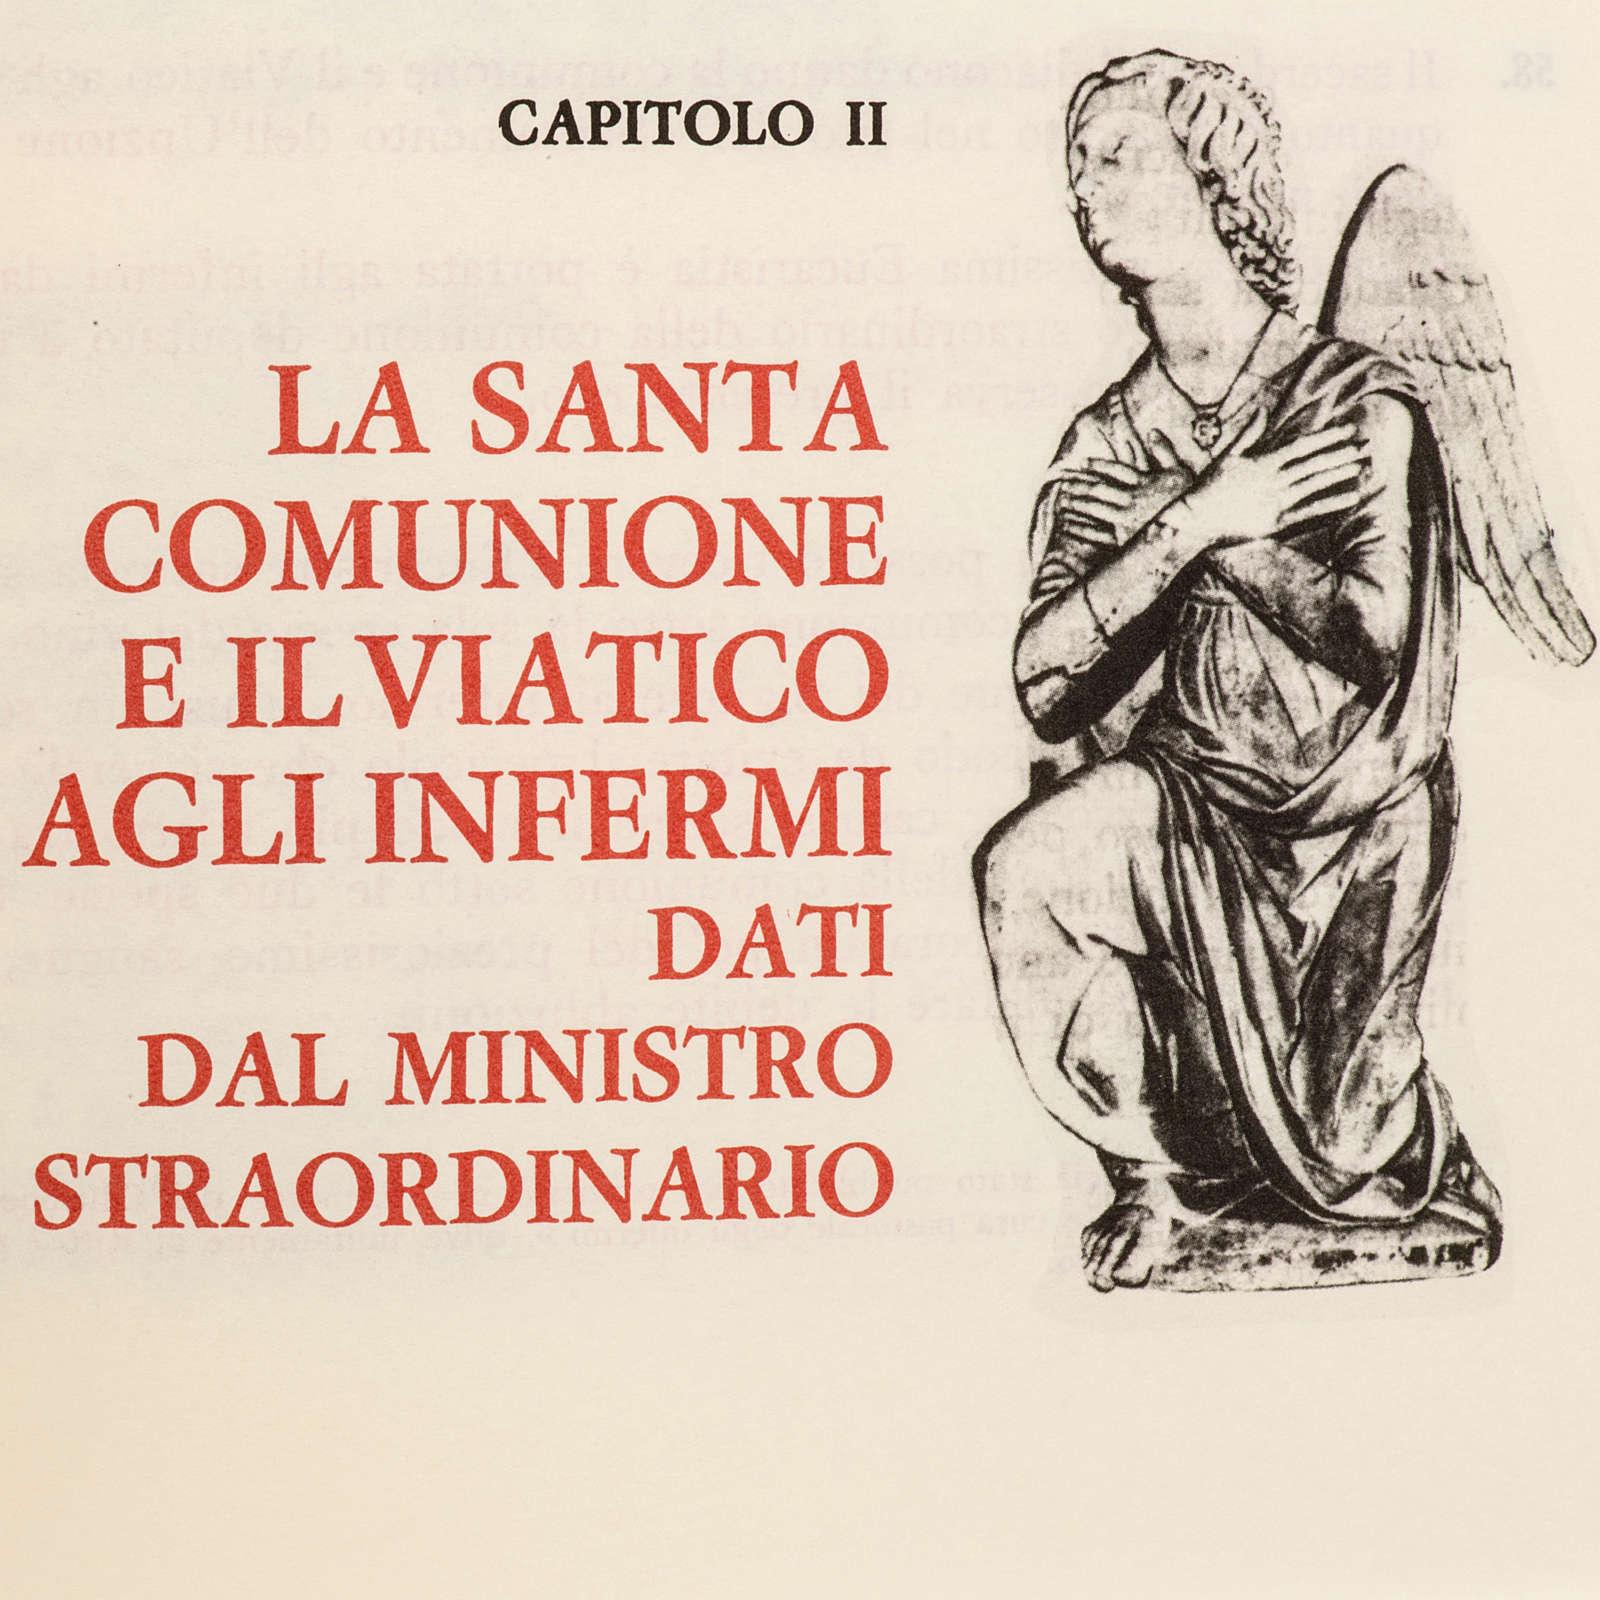 Rito della Comunione fuori dalla Messa e Culto Eucaristico 4